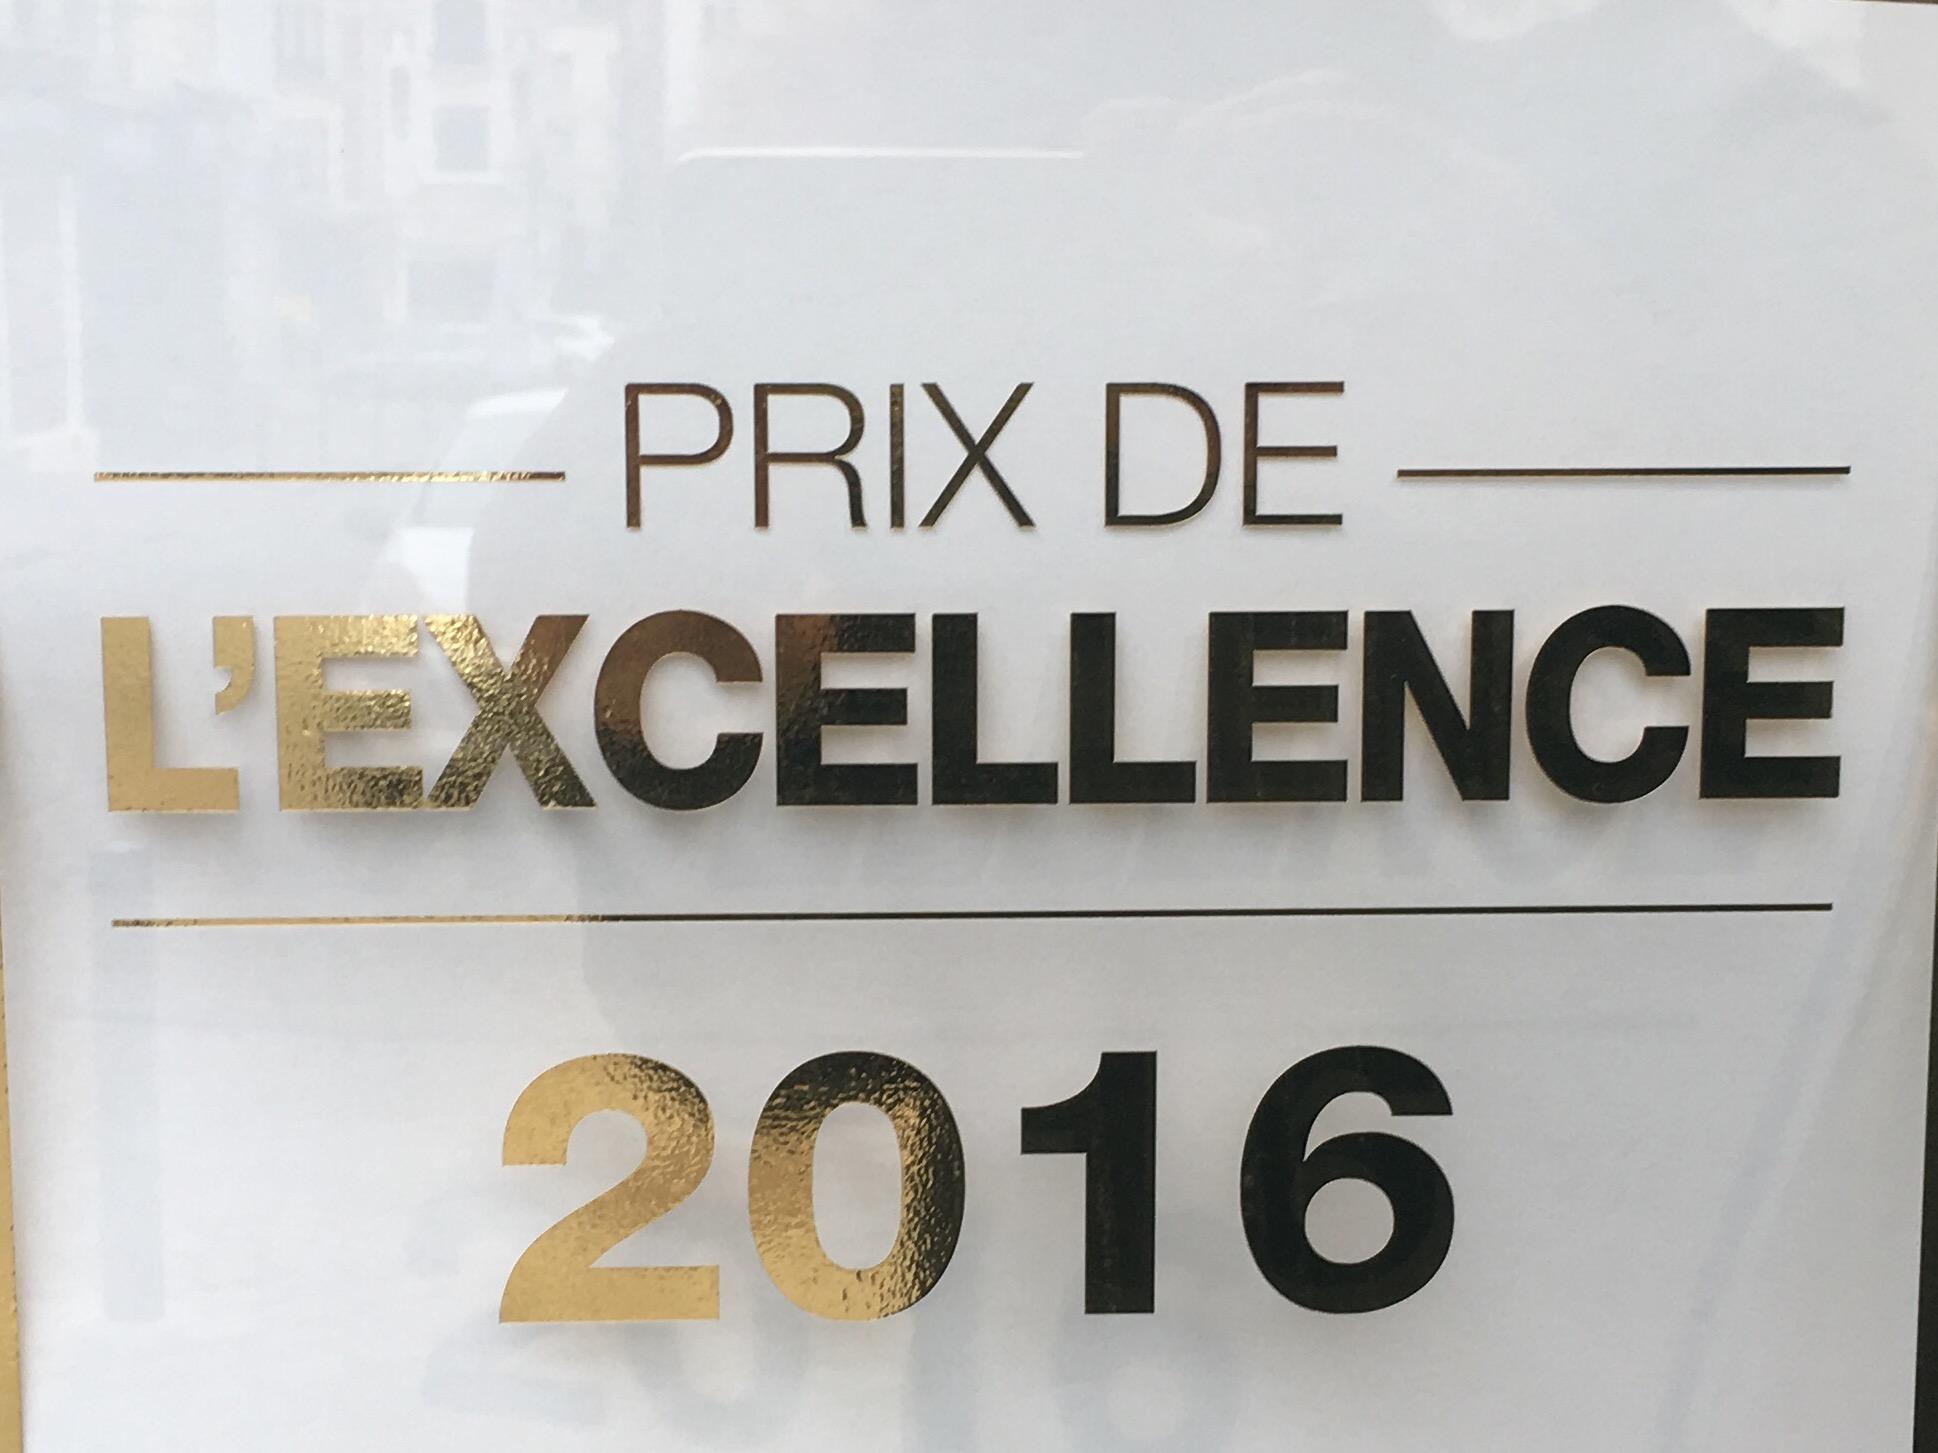 Prix de l'excellence 2016 salon de coiffure Dessange Arras